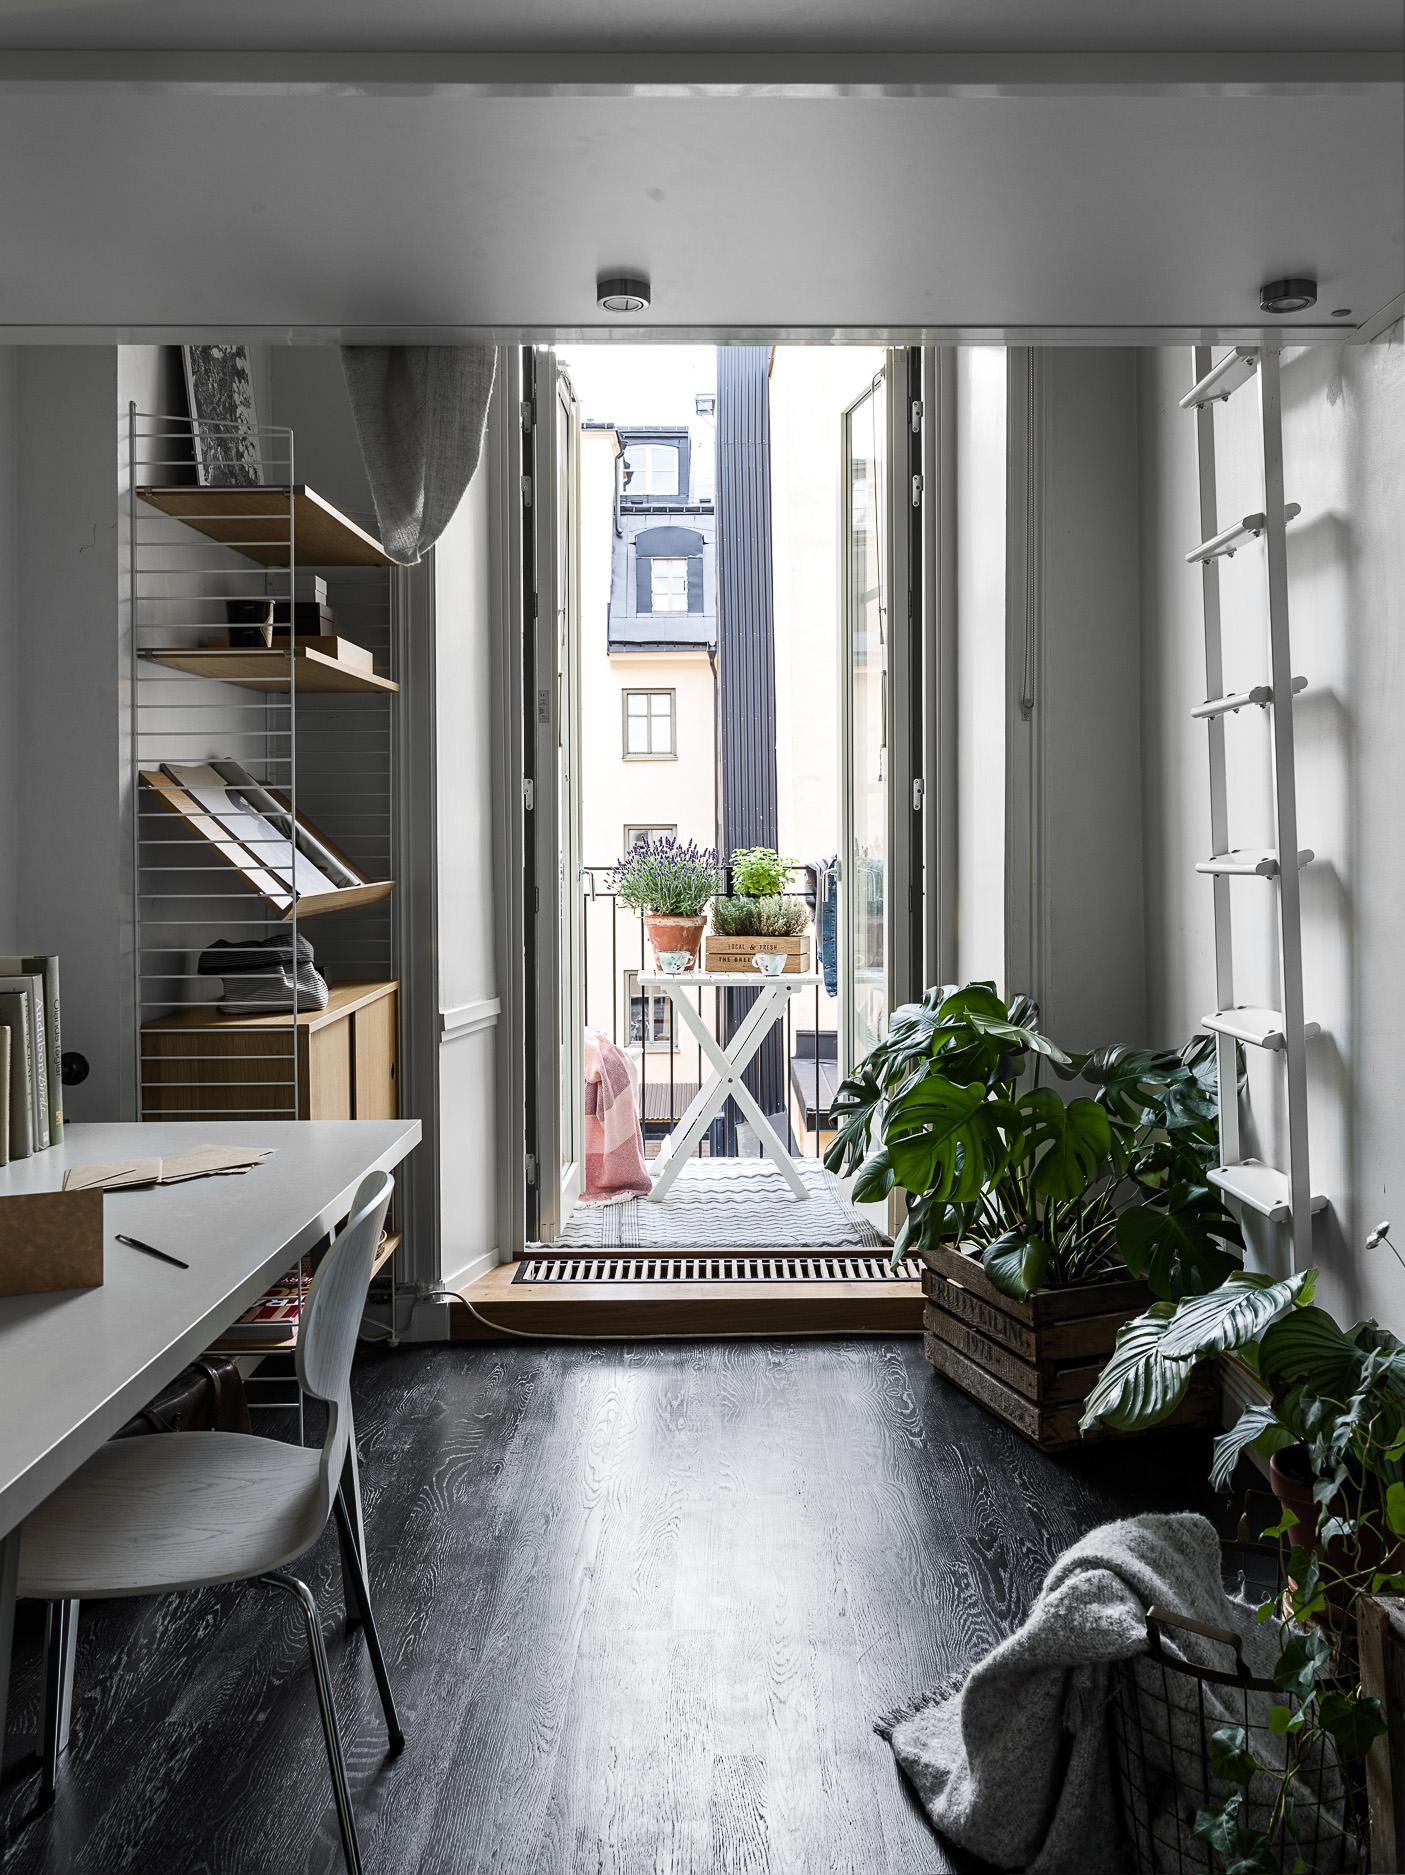 спальня кабинет антресоли кровать лестница стеллаж комнатные растения балкон порог конвектор